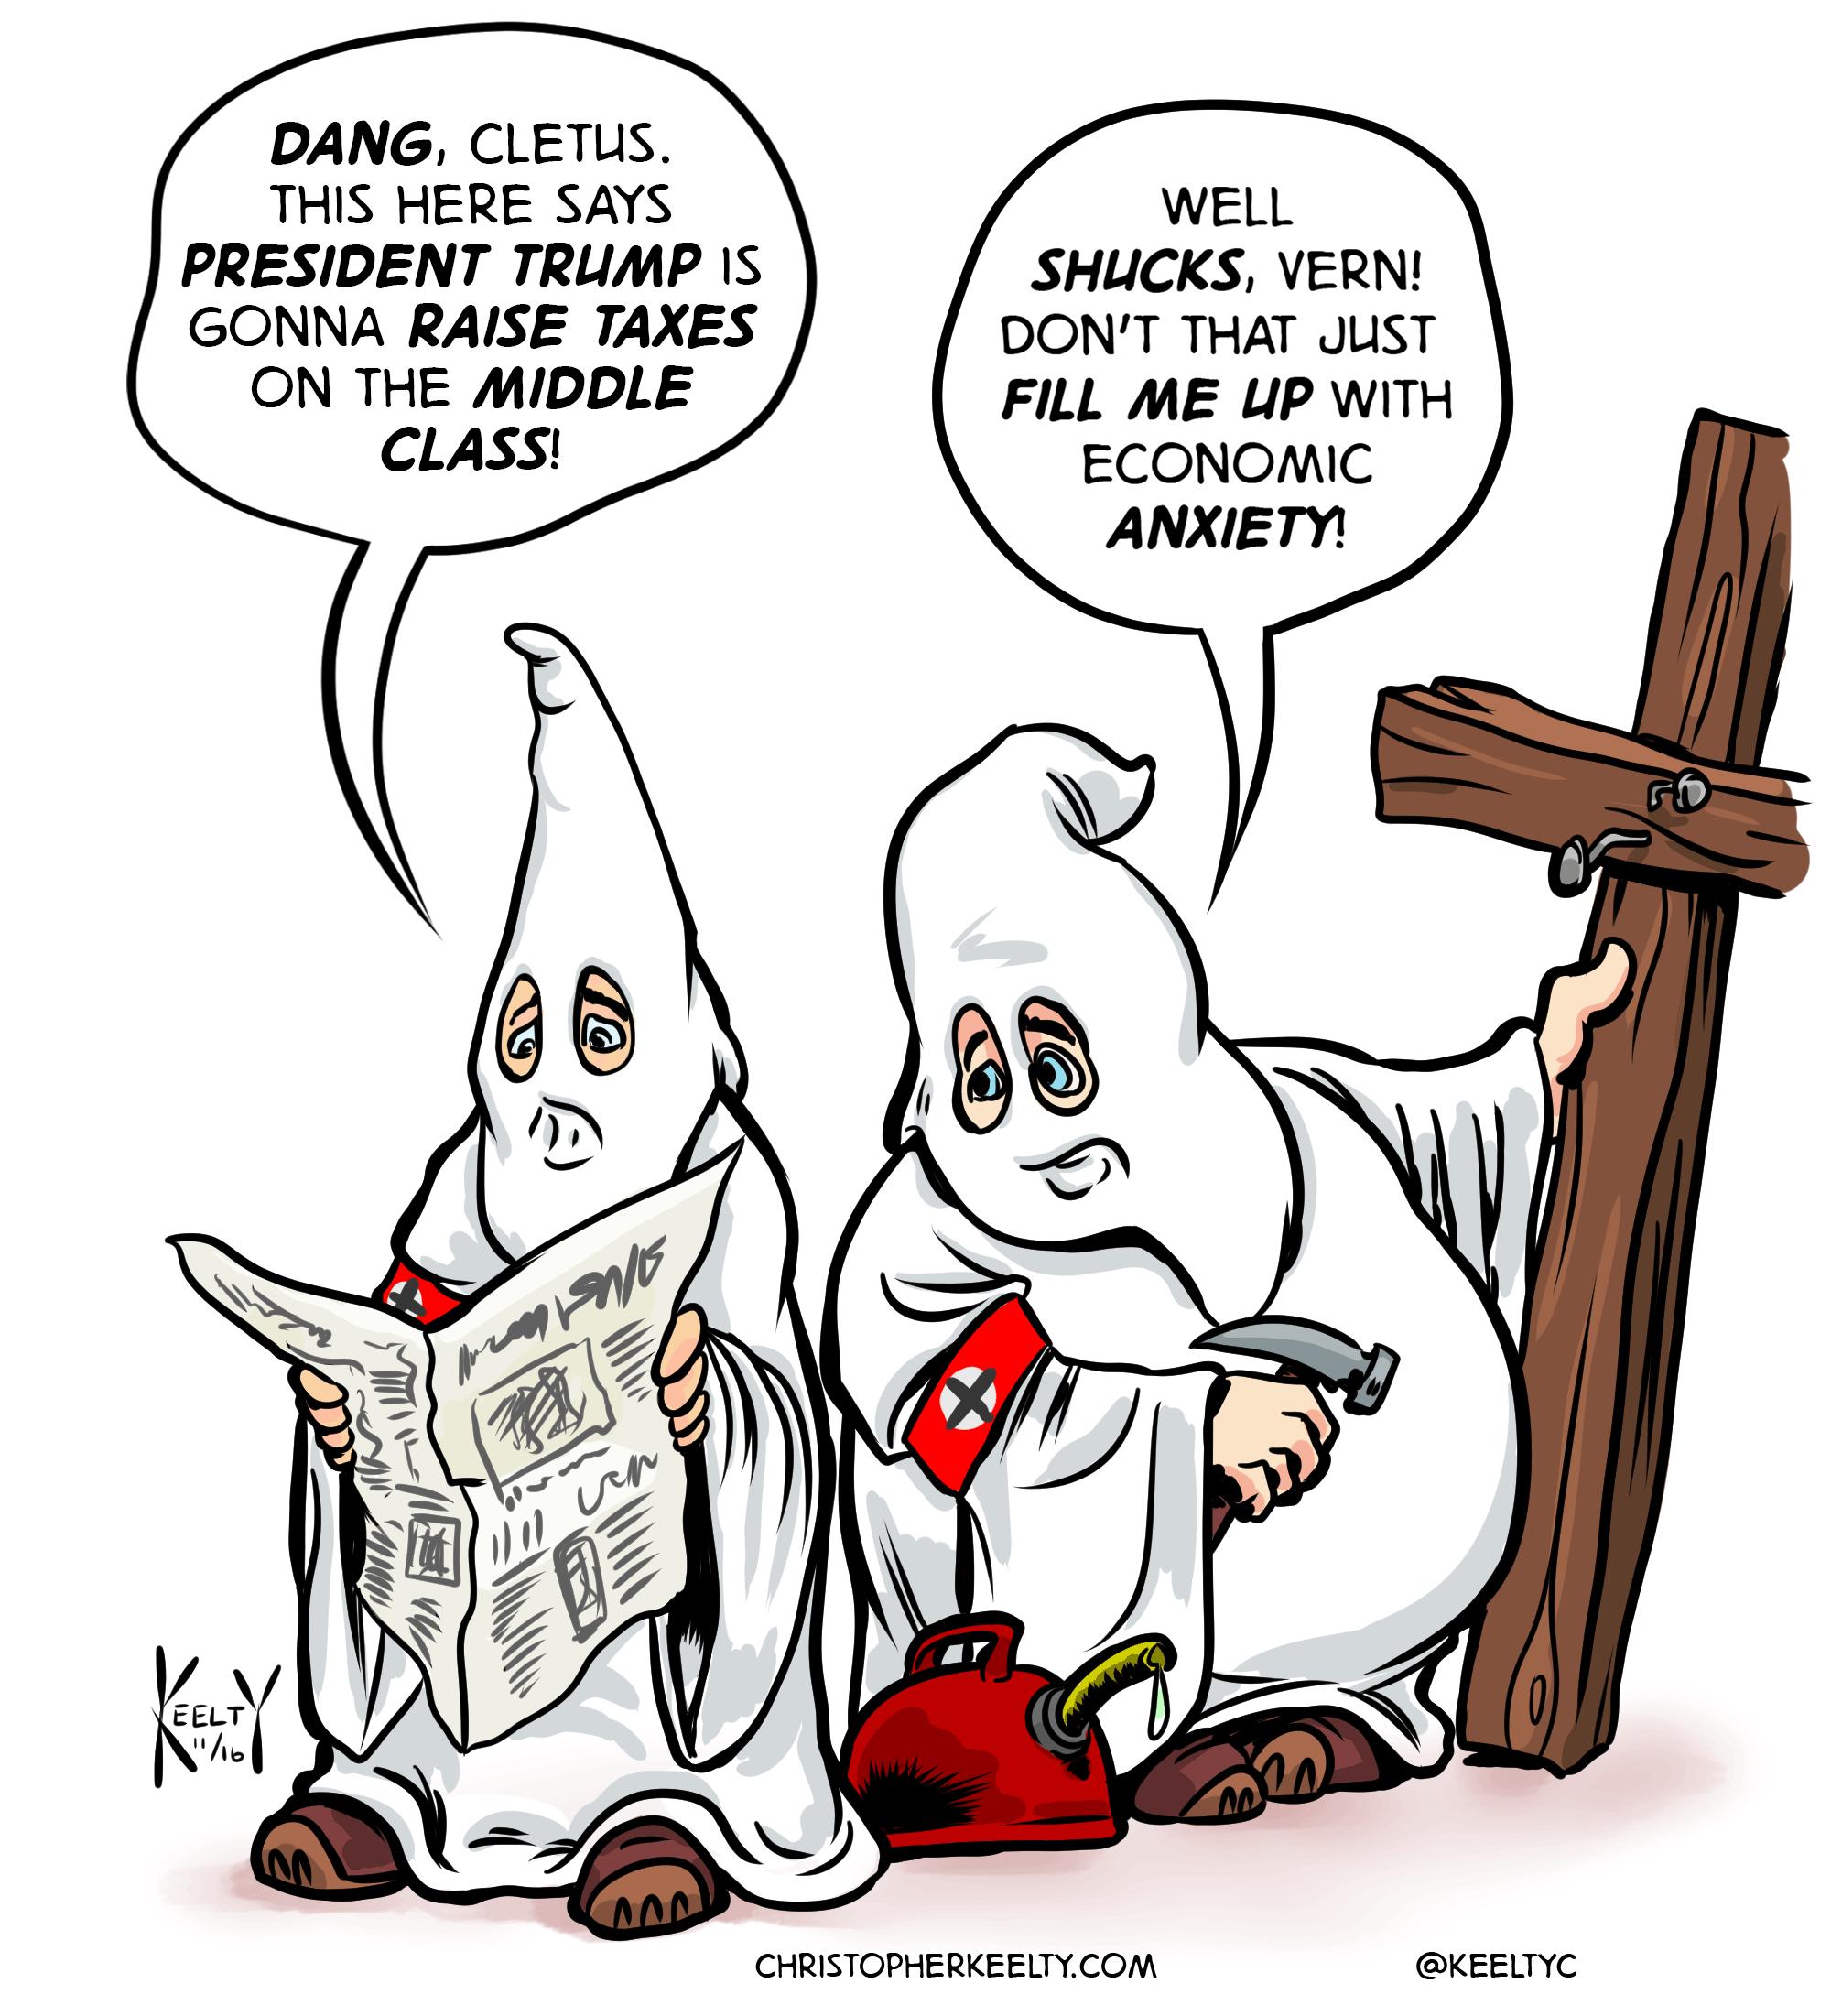 klantaxes